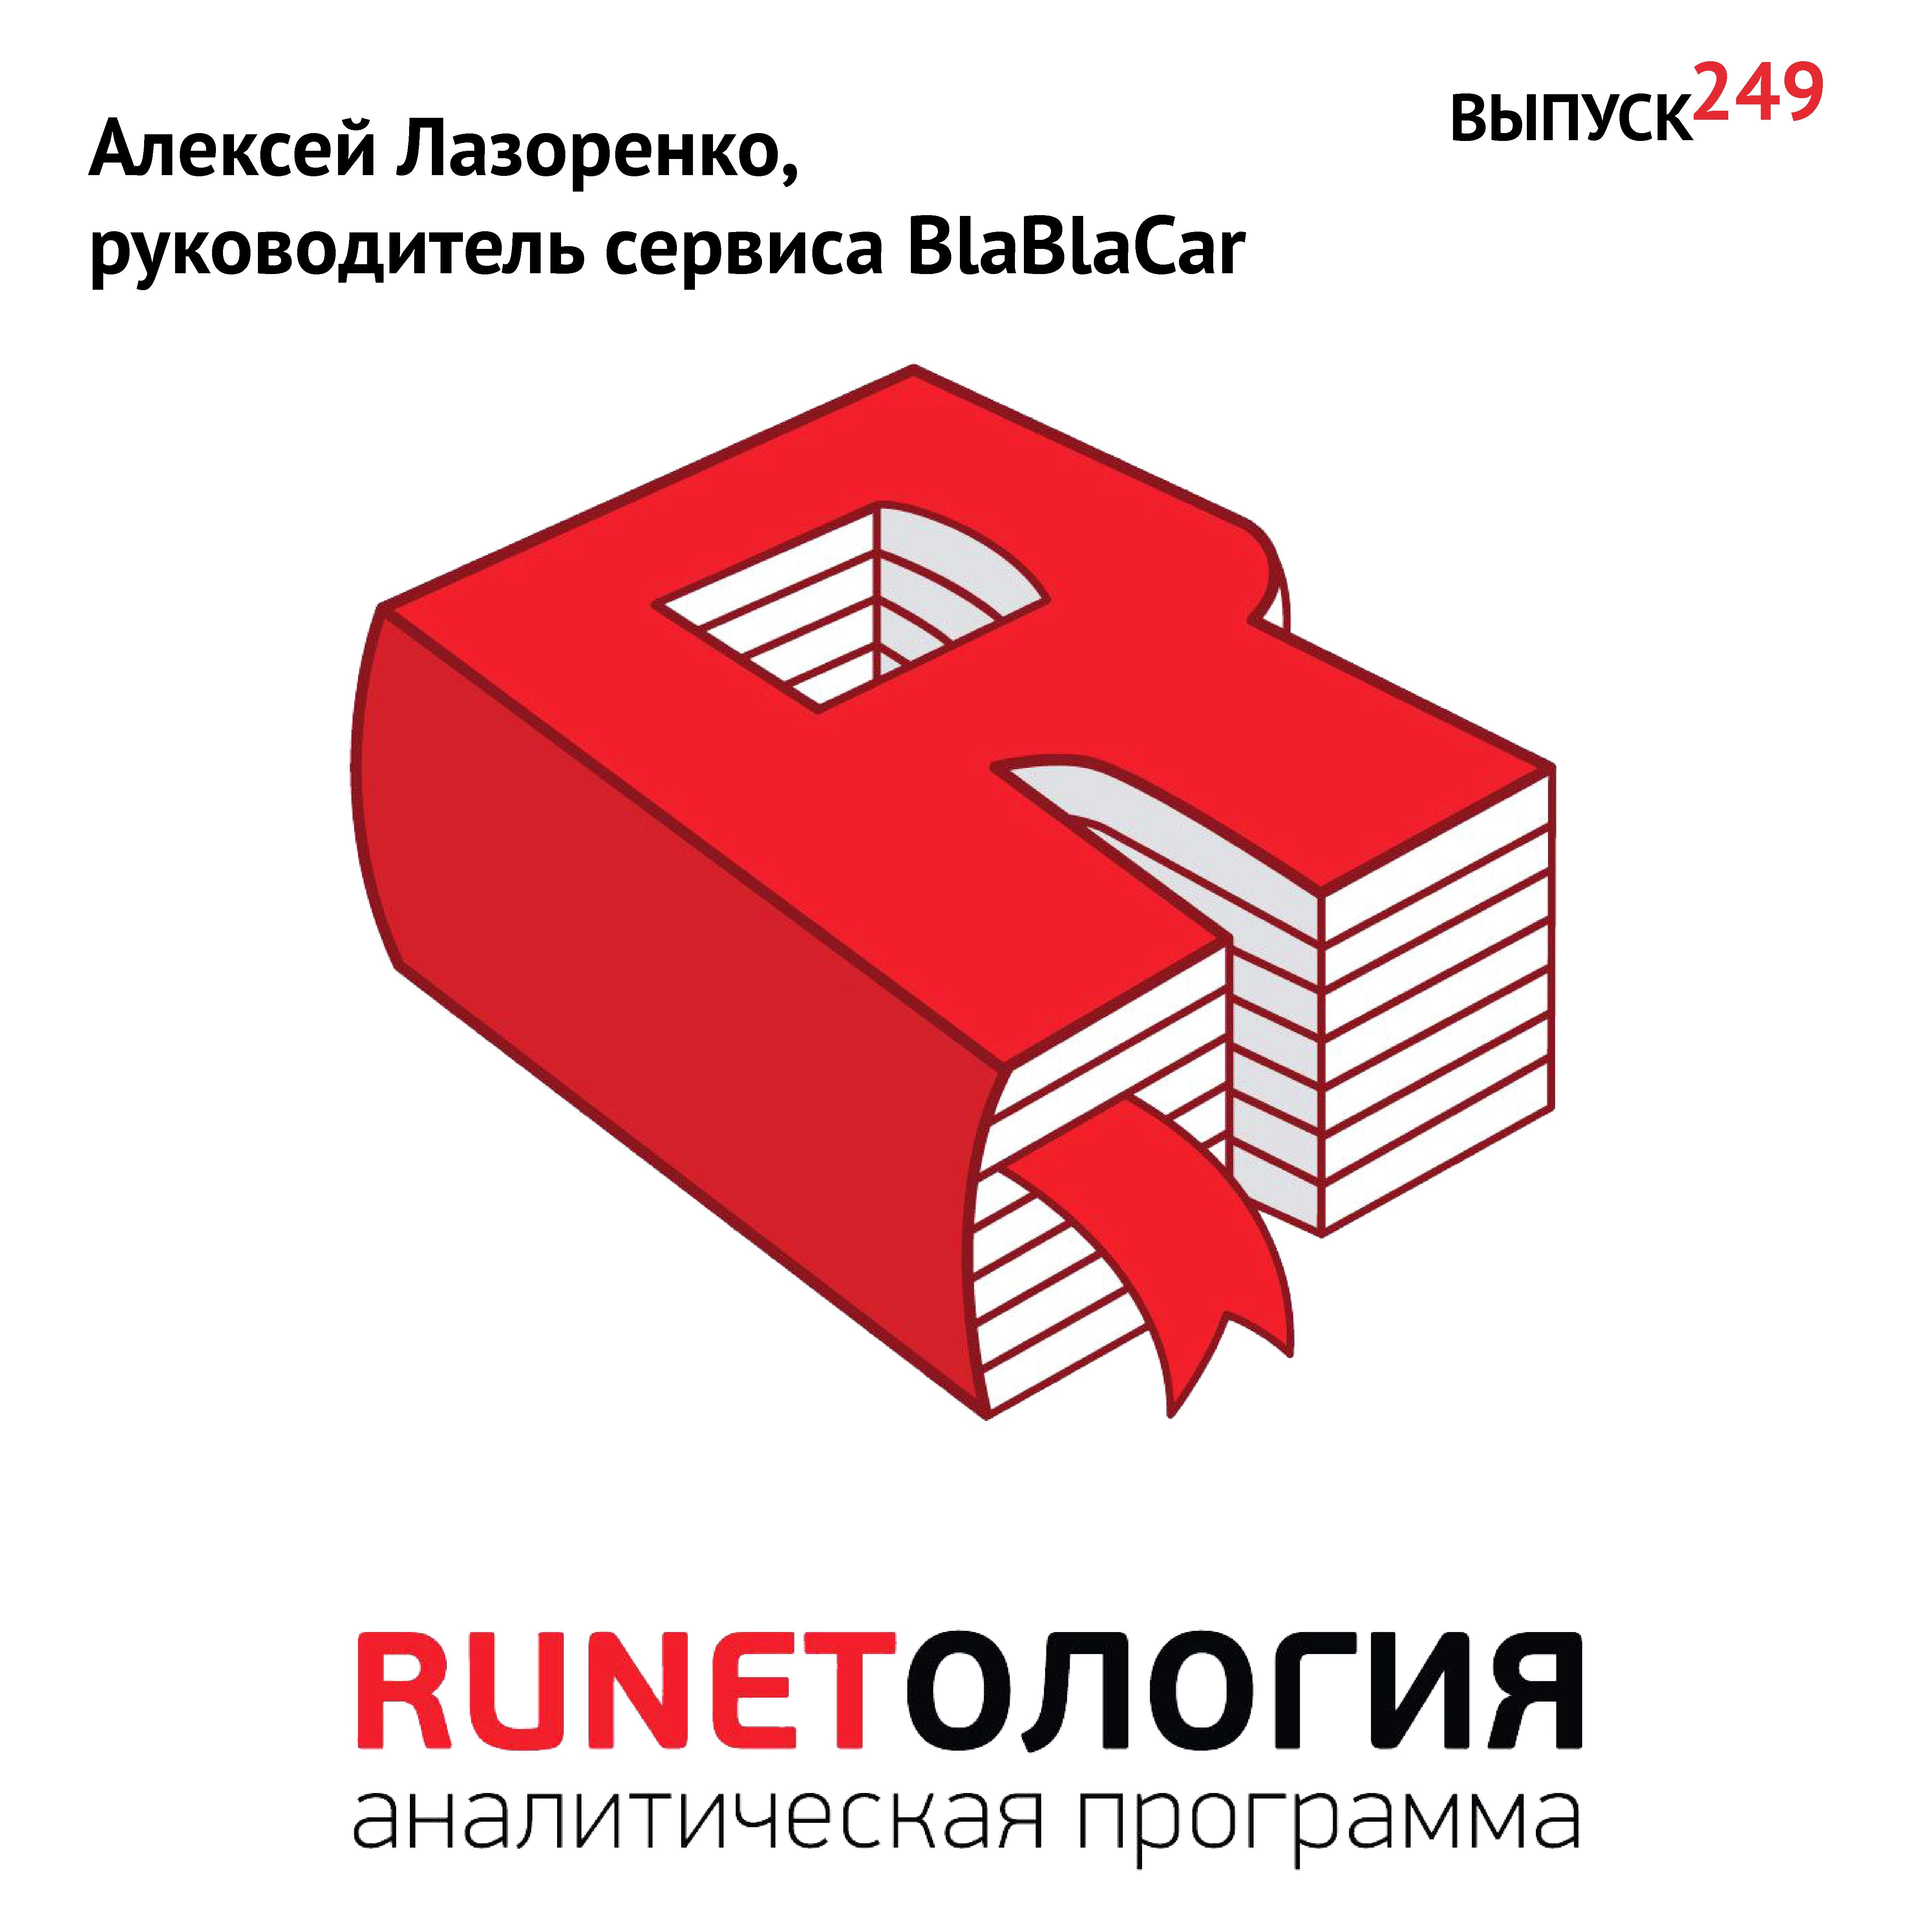 Максим Спиридонов Алексей Лазоренко, руководитель сервиса BlaBlaCar